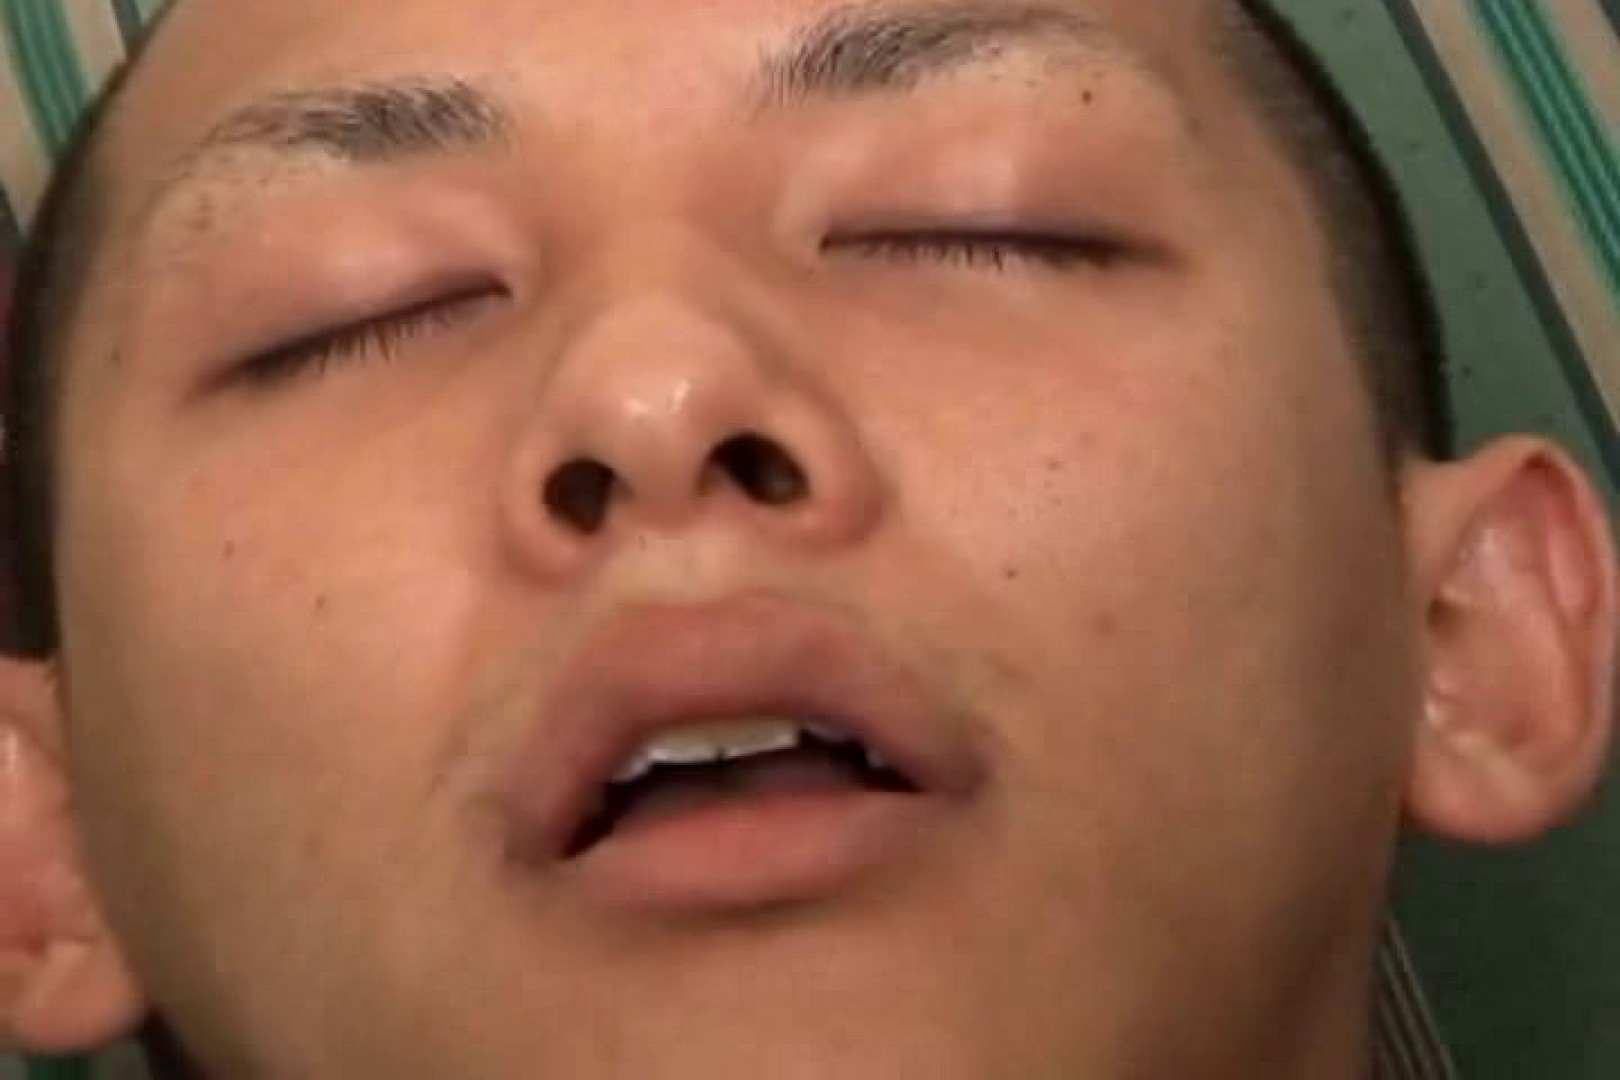 イケメンSurf Boys 波乗りついでに・・・。06 男・男 ゲイセックス画像 77pic 55